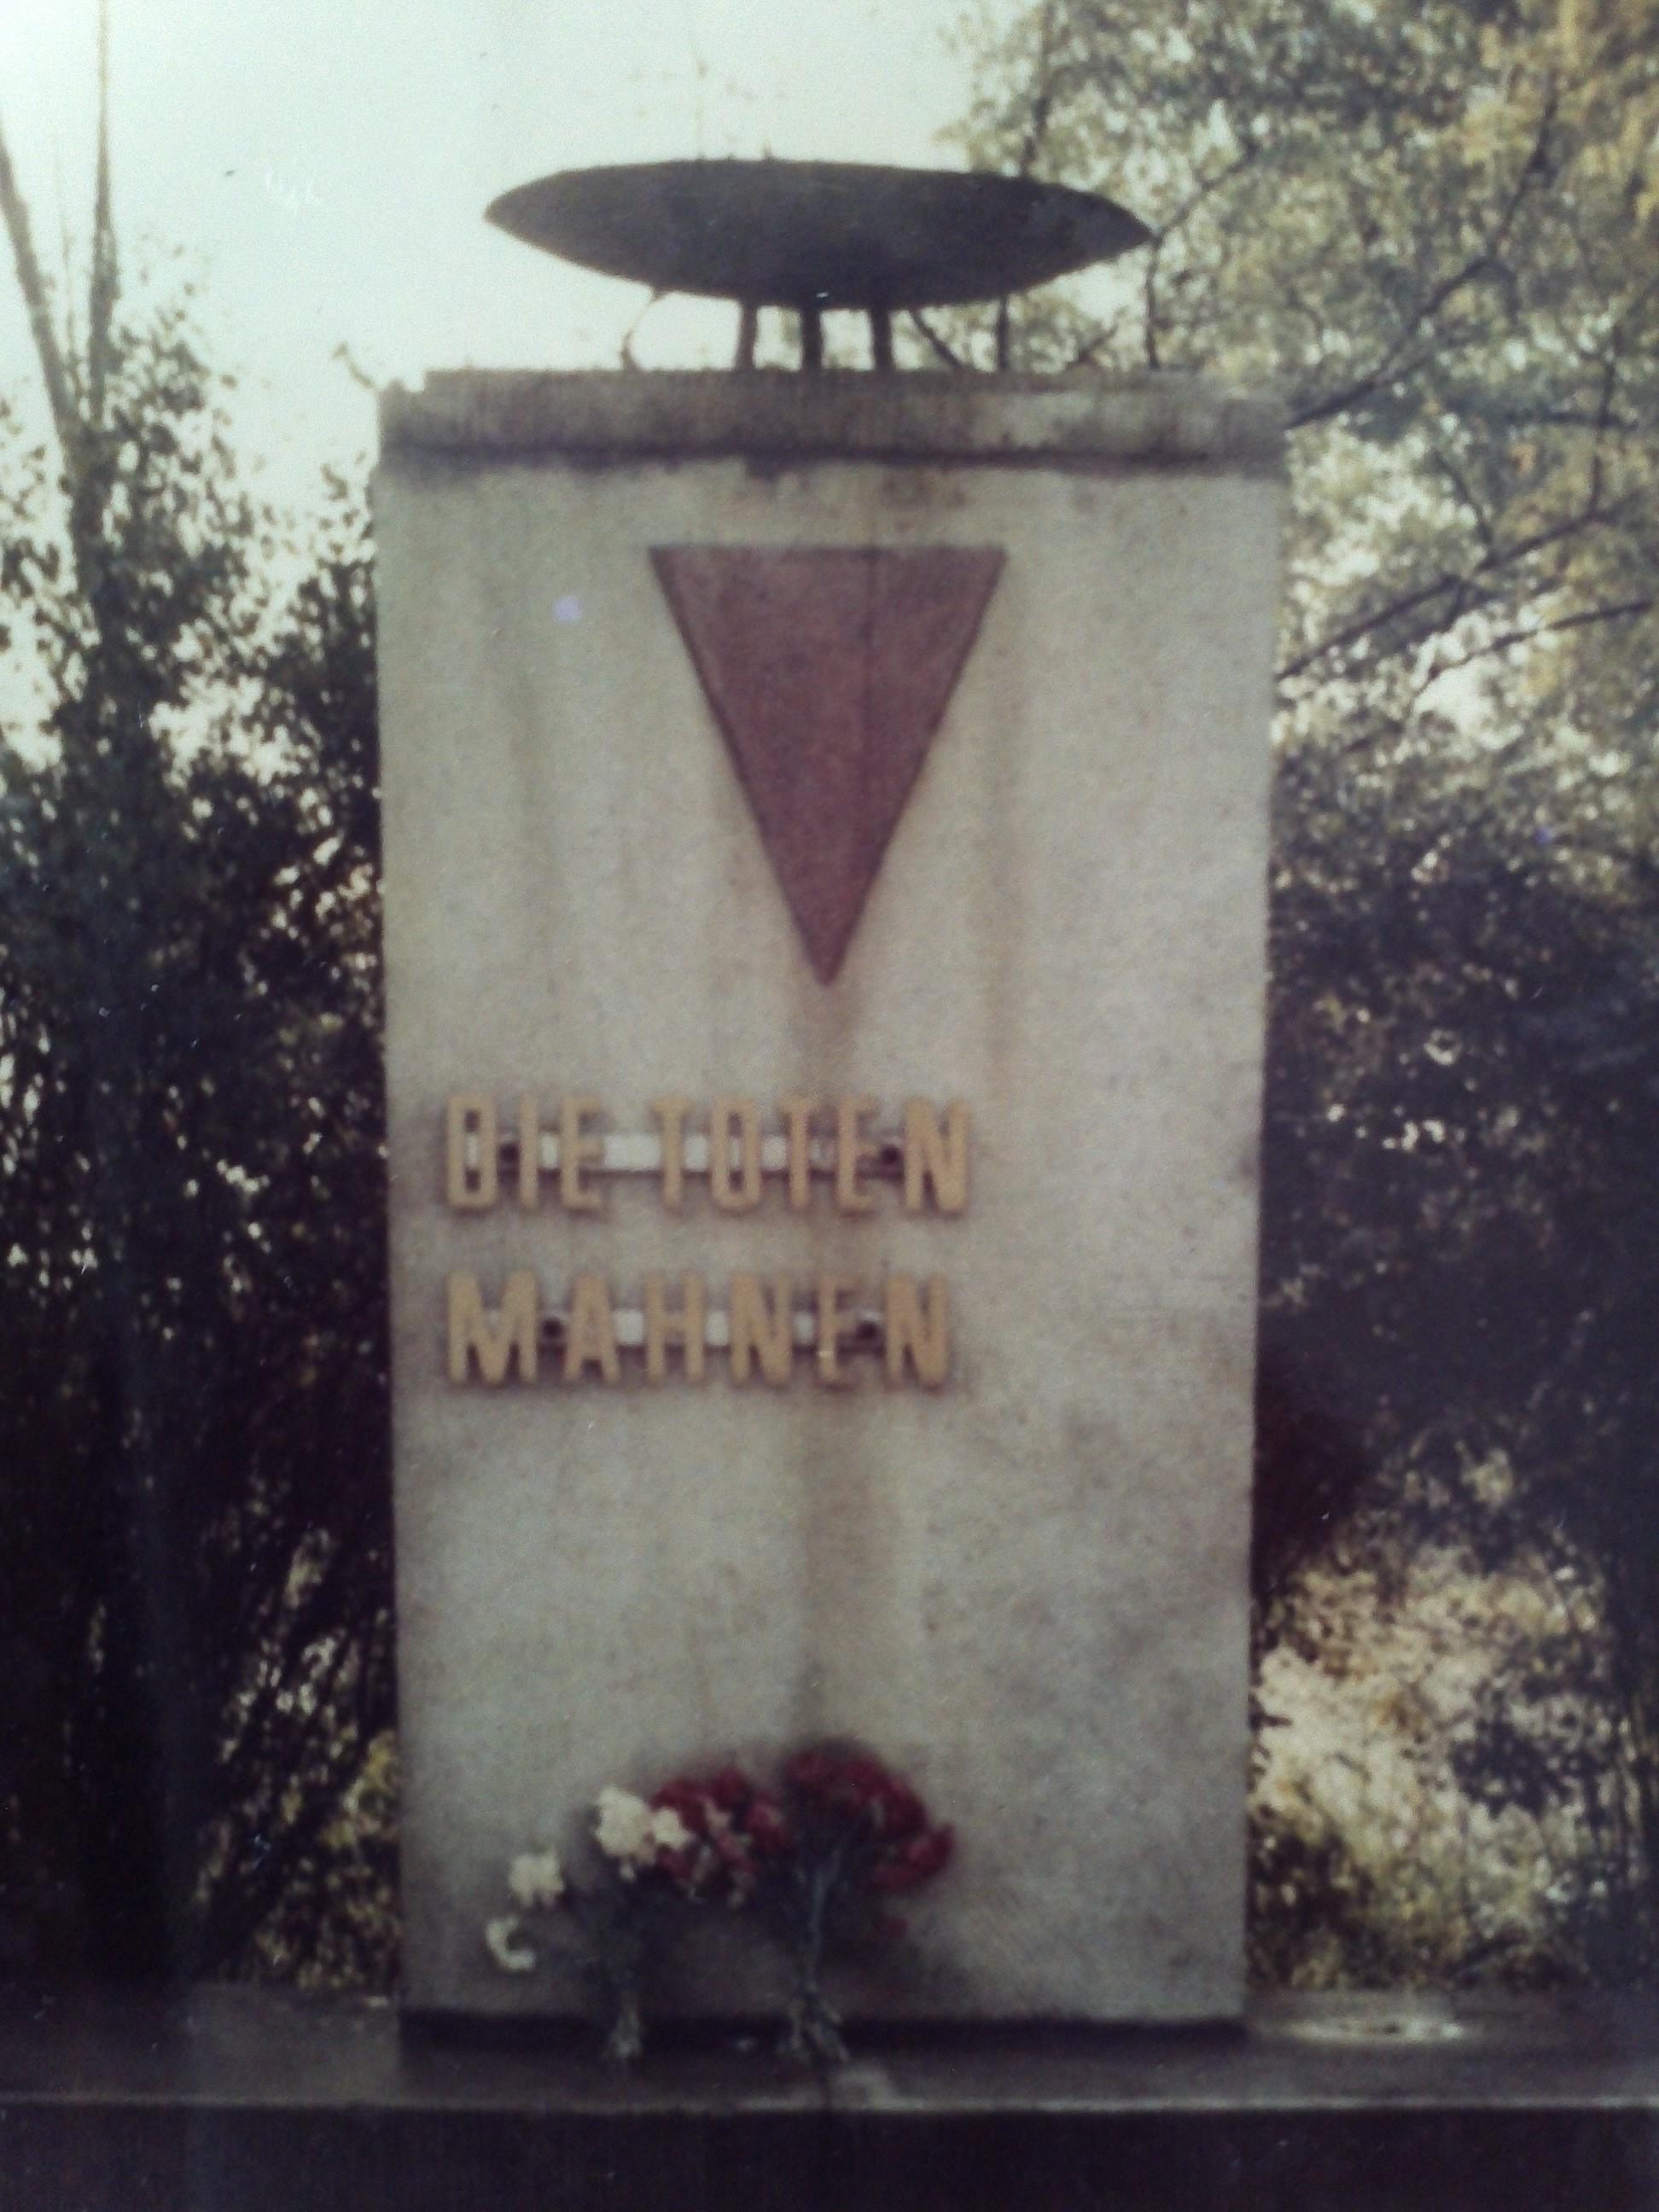 <a id='anker8' href='http://www.versteckte-geschichte-markkleeberg.de/quellenverzeichnis#erinnerungs-und-gedenkkultur8' target='_new'>Abb. 1: Denkmal am Rathausplatz <br /> im ursprünglichen Zustand</a>